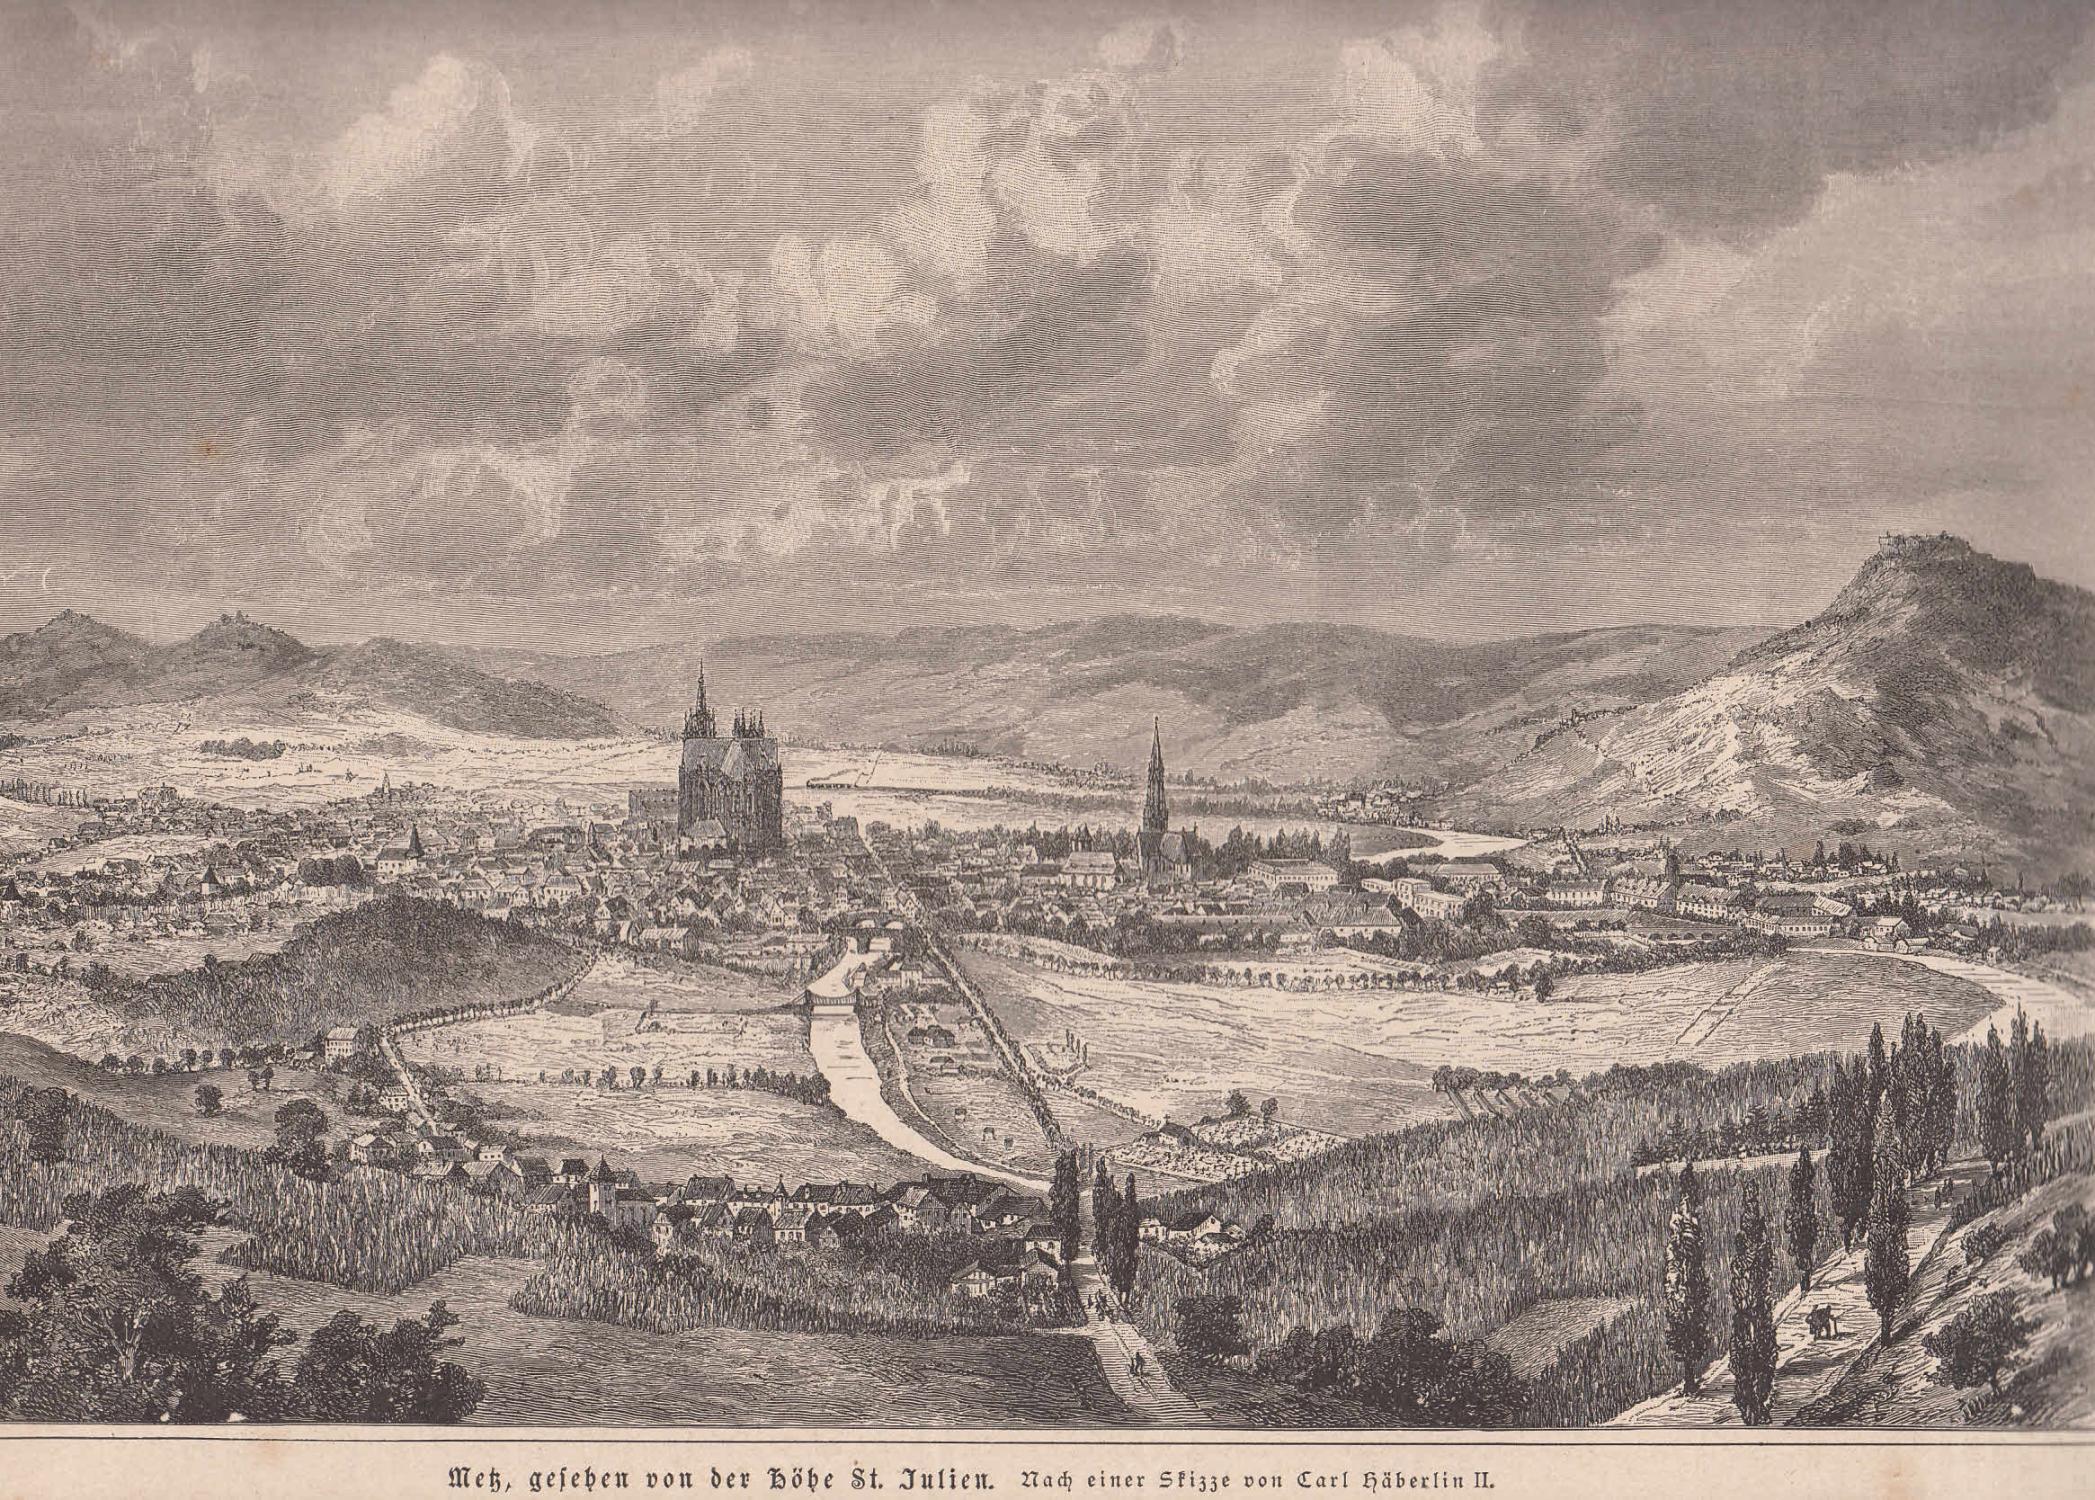 Gesamtansicht von der Höhe St. Julien aus.: Metz,